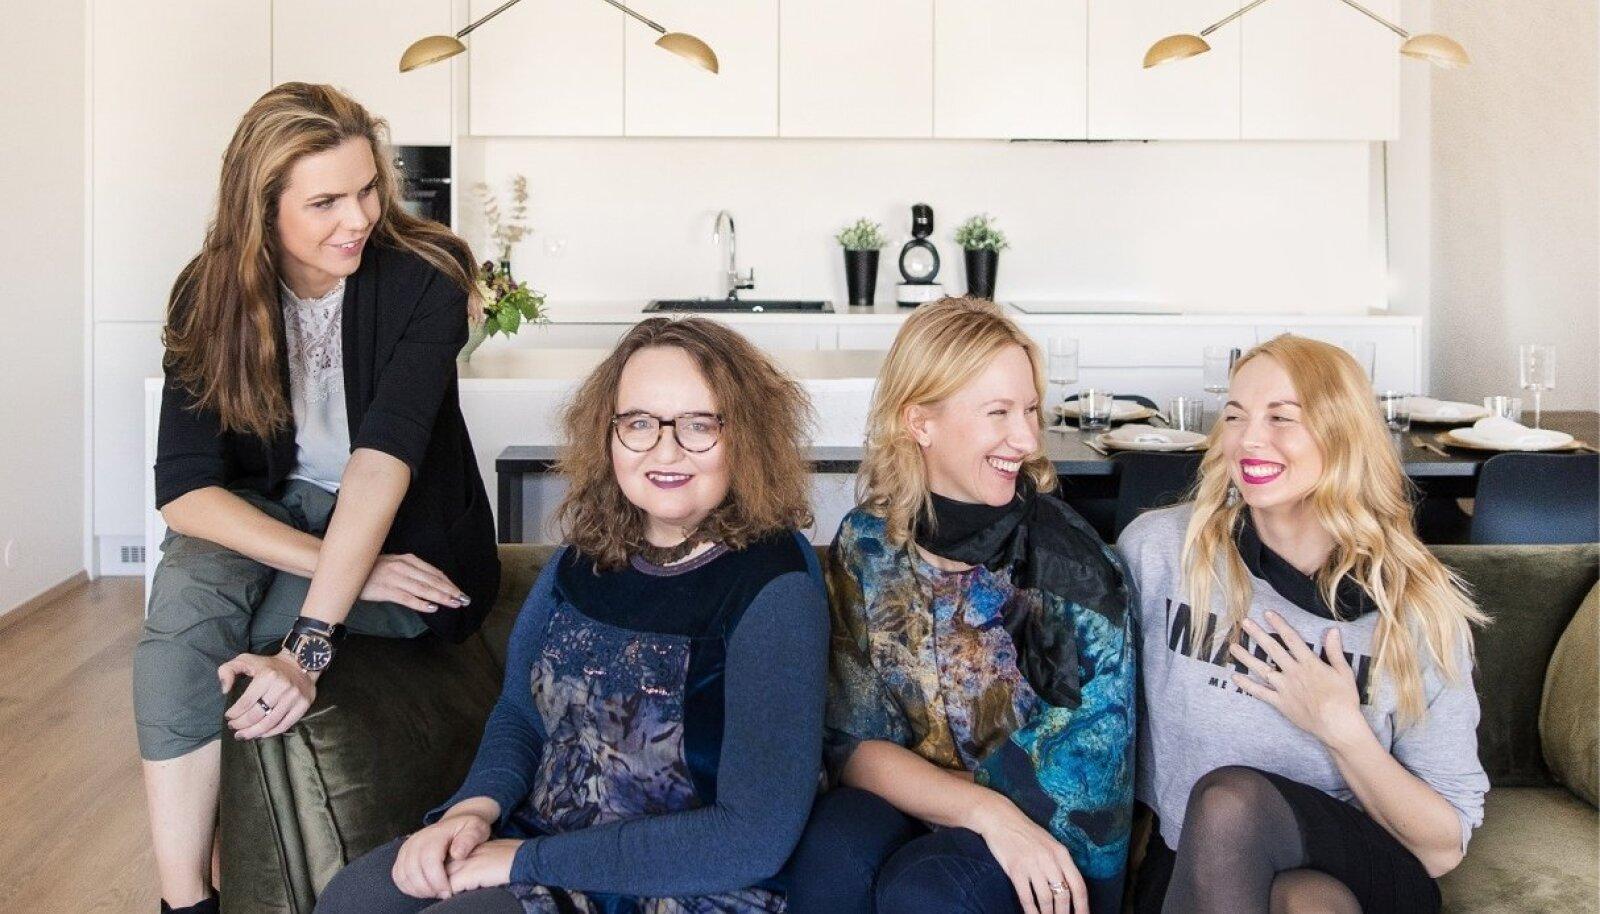 Merje Merdik, Sandra Jõgeva, Anu Madjak, Anett Kutti